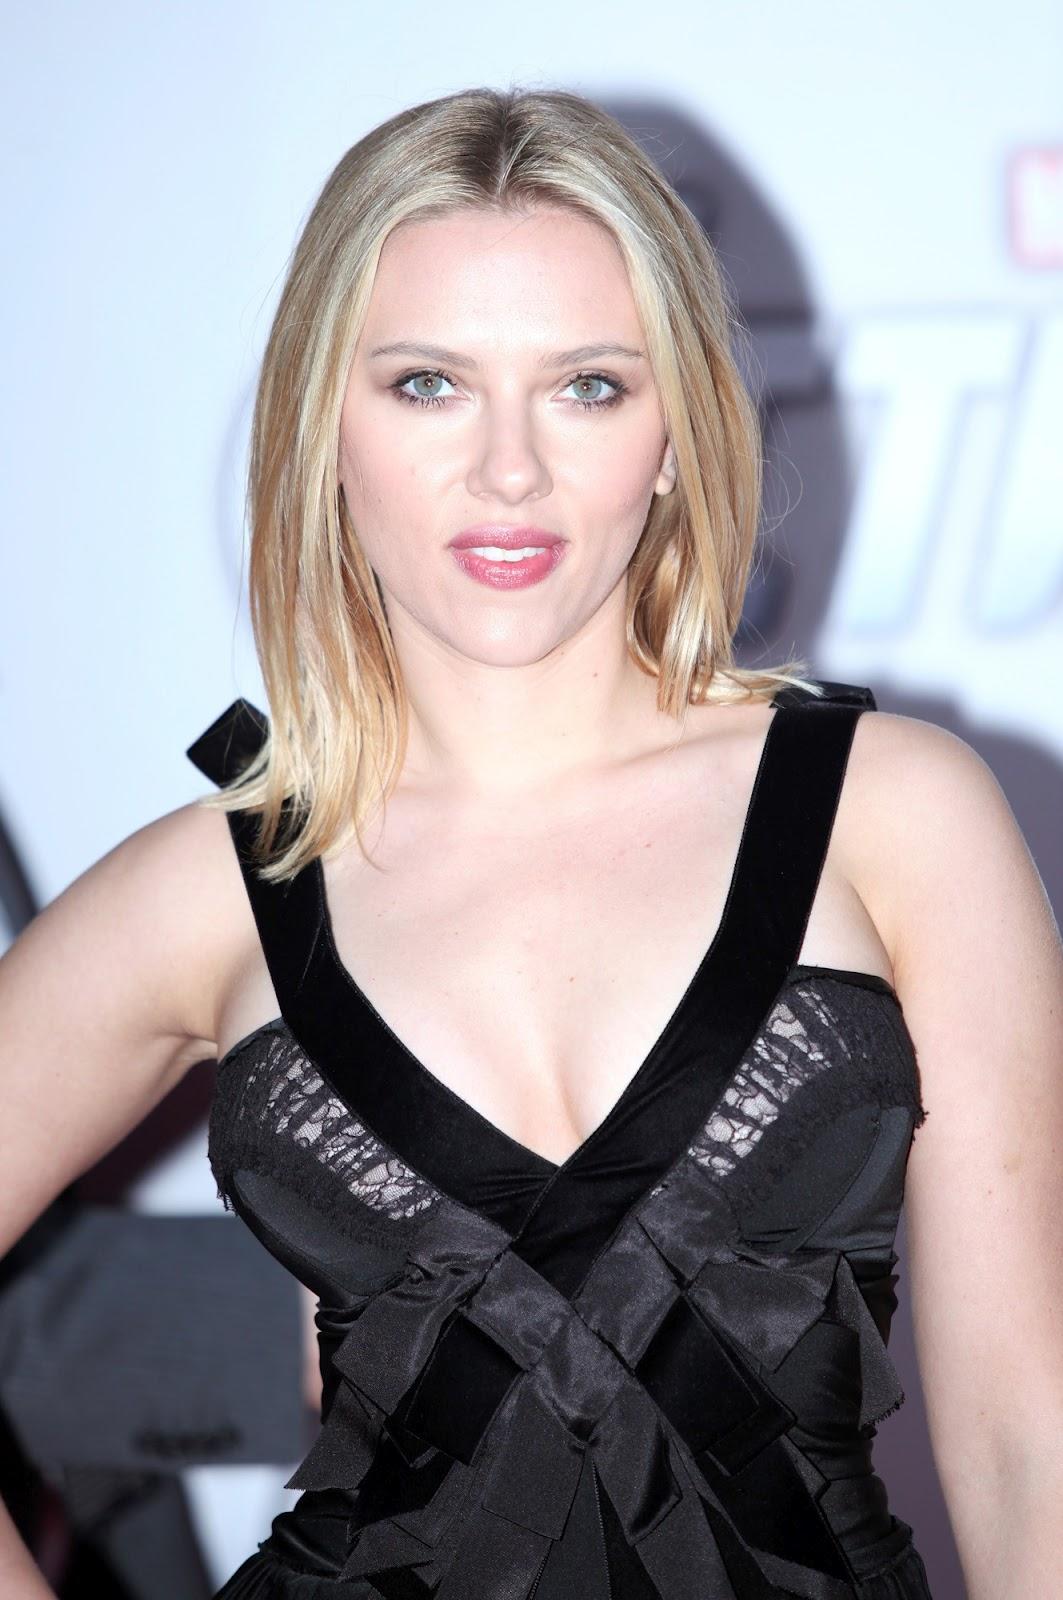 http://1.bp.blogspot.com/-Q1S--RxXZPs/T4_dRecjt4I/AAAAAAAABA8/A5fuquVf5g0/s1600/Scarlett_Johansson_The_Avengers_premiere_Moscow_2012_07.jpg